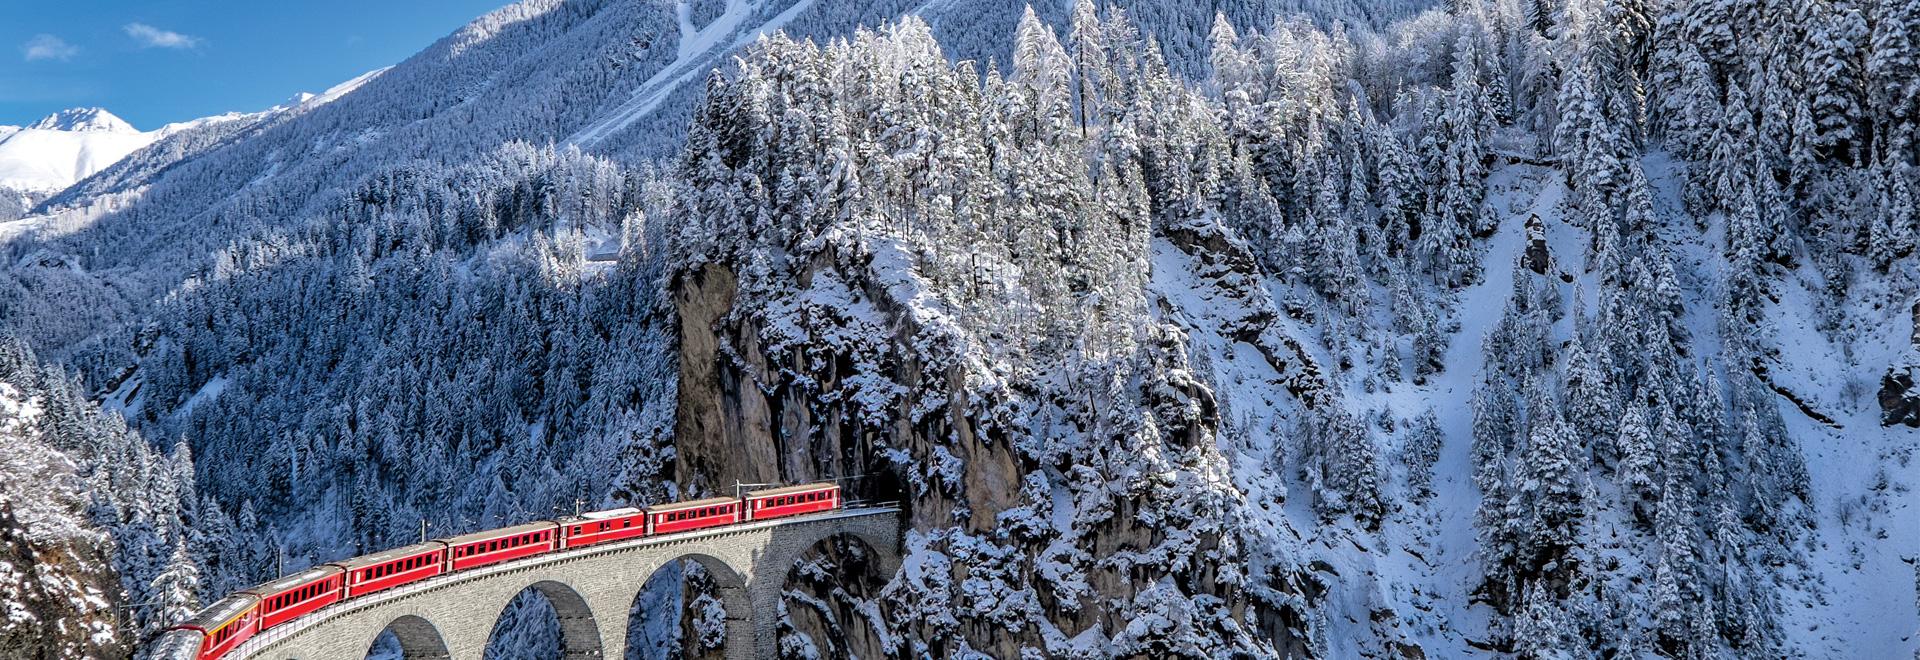 Magical Switzerland Winter  Days From Zurich To Geneva